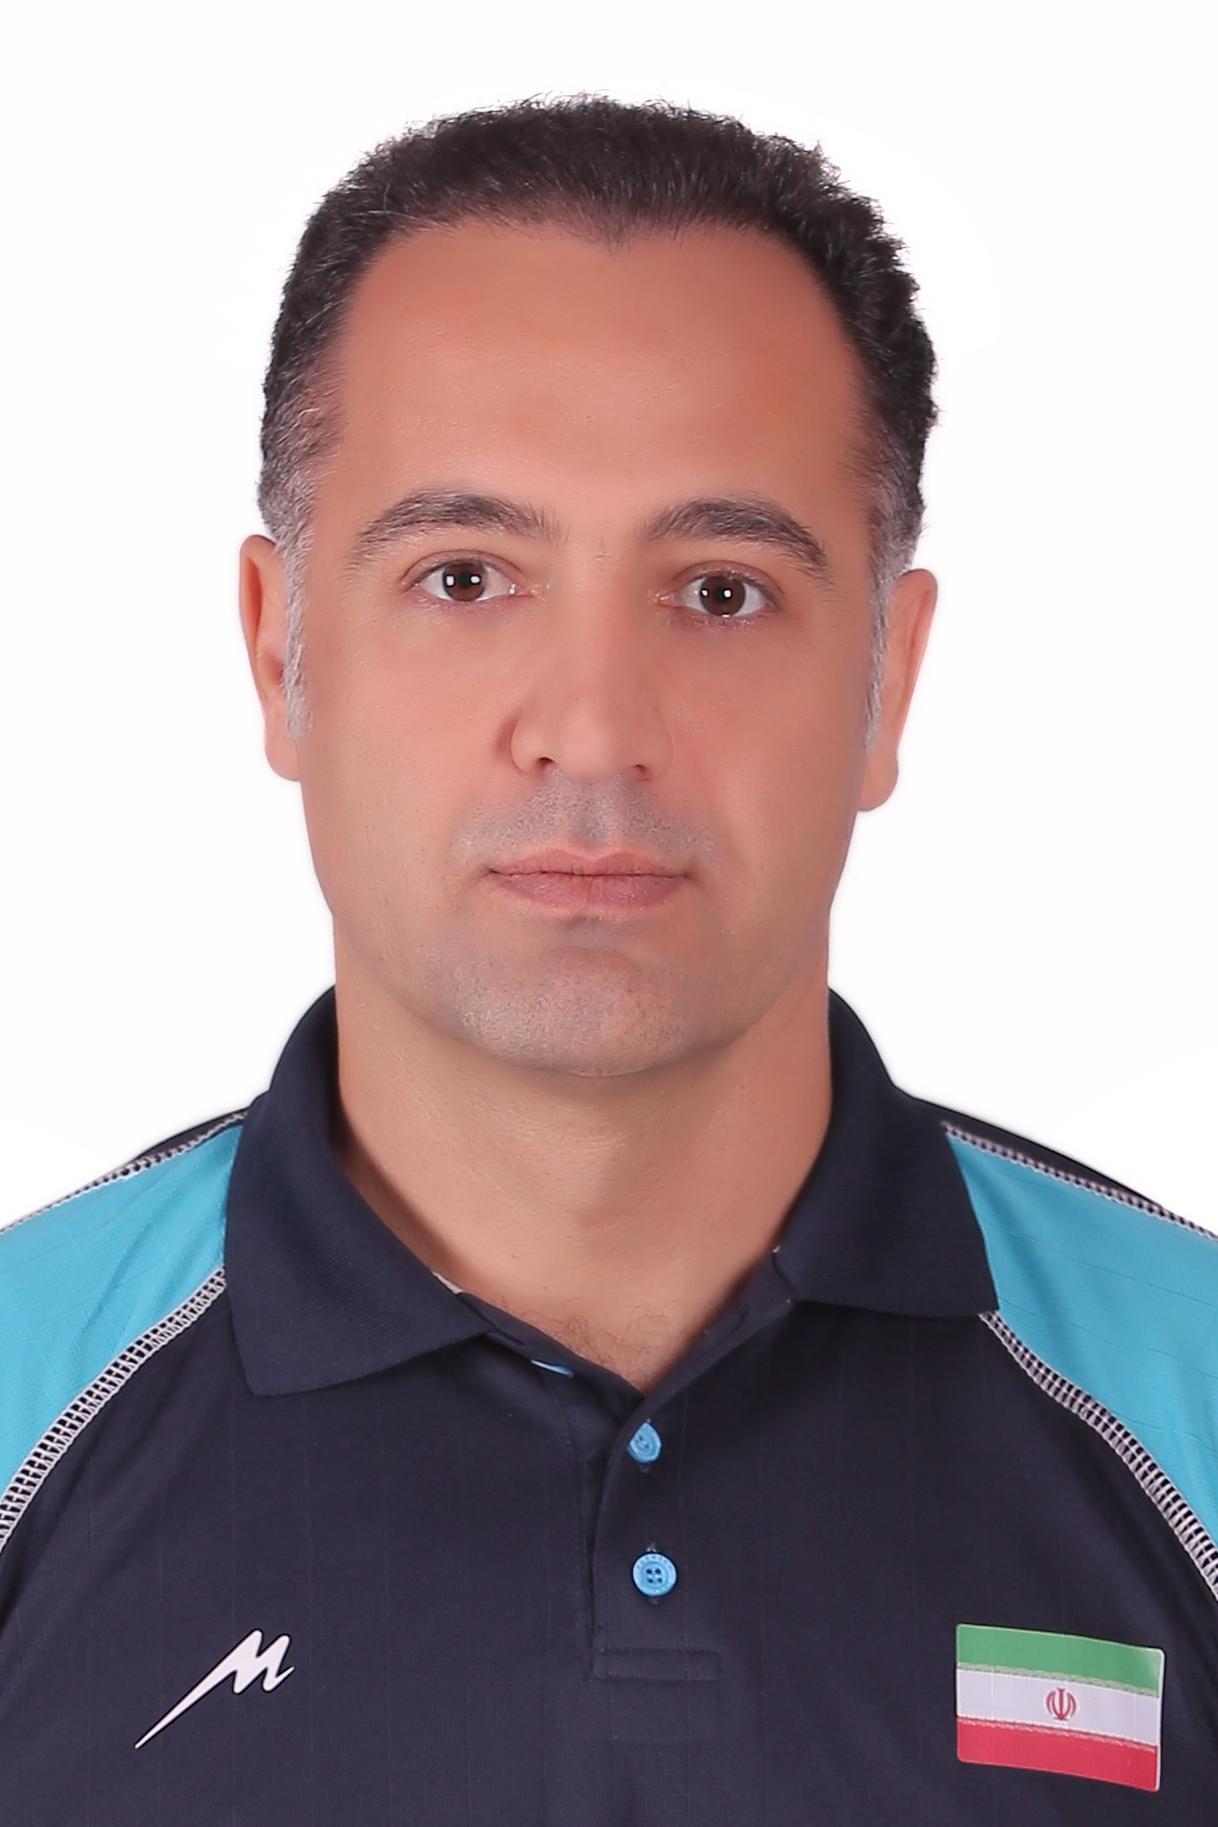 Akbari Peyman